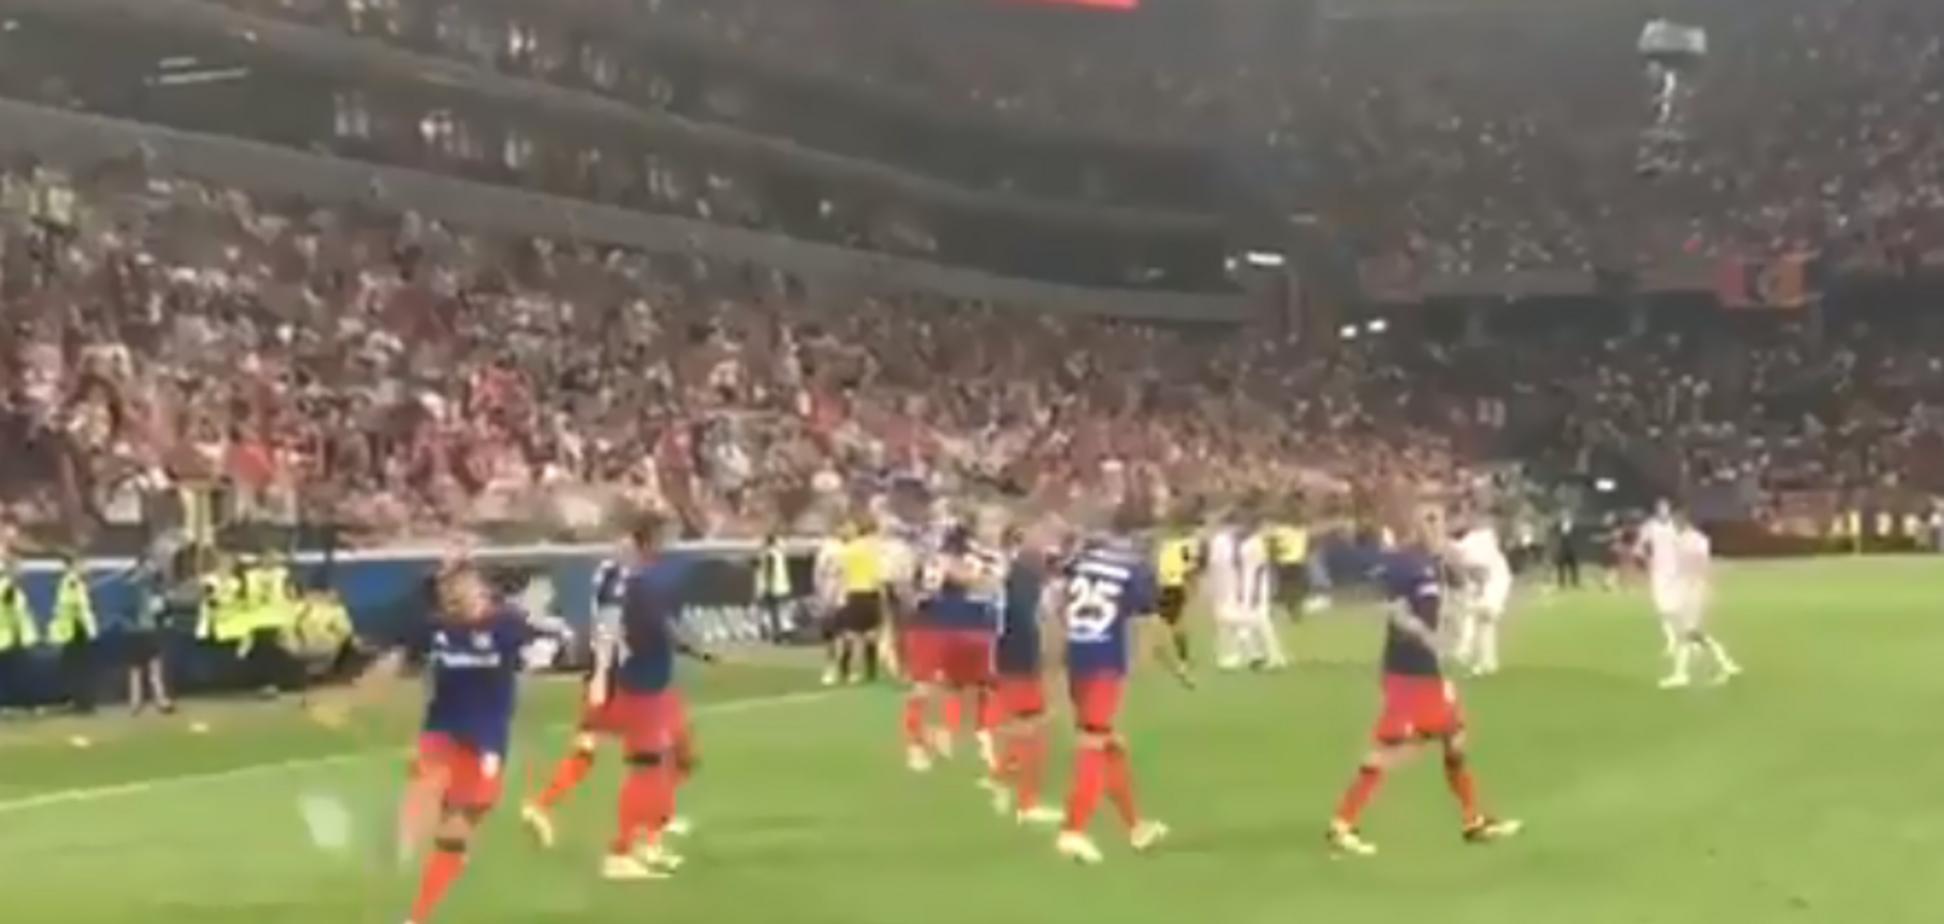 Сказився: російський футболіст відзначився мерзенним вчинком на Суперкубку РФ - опубліковано відео